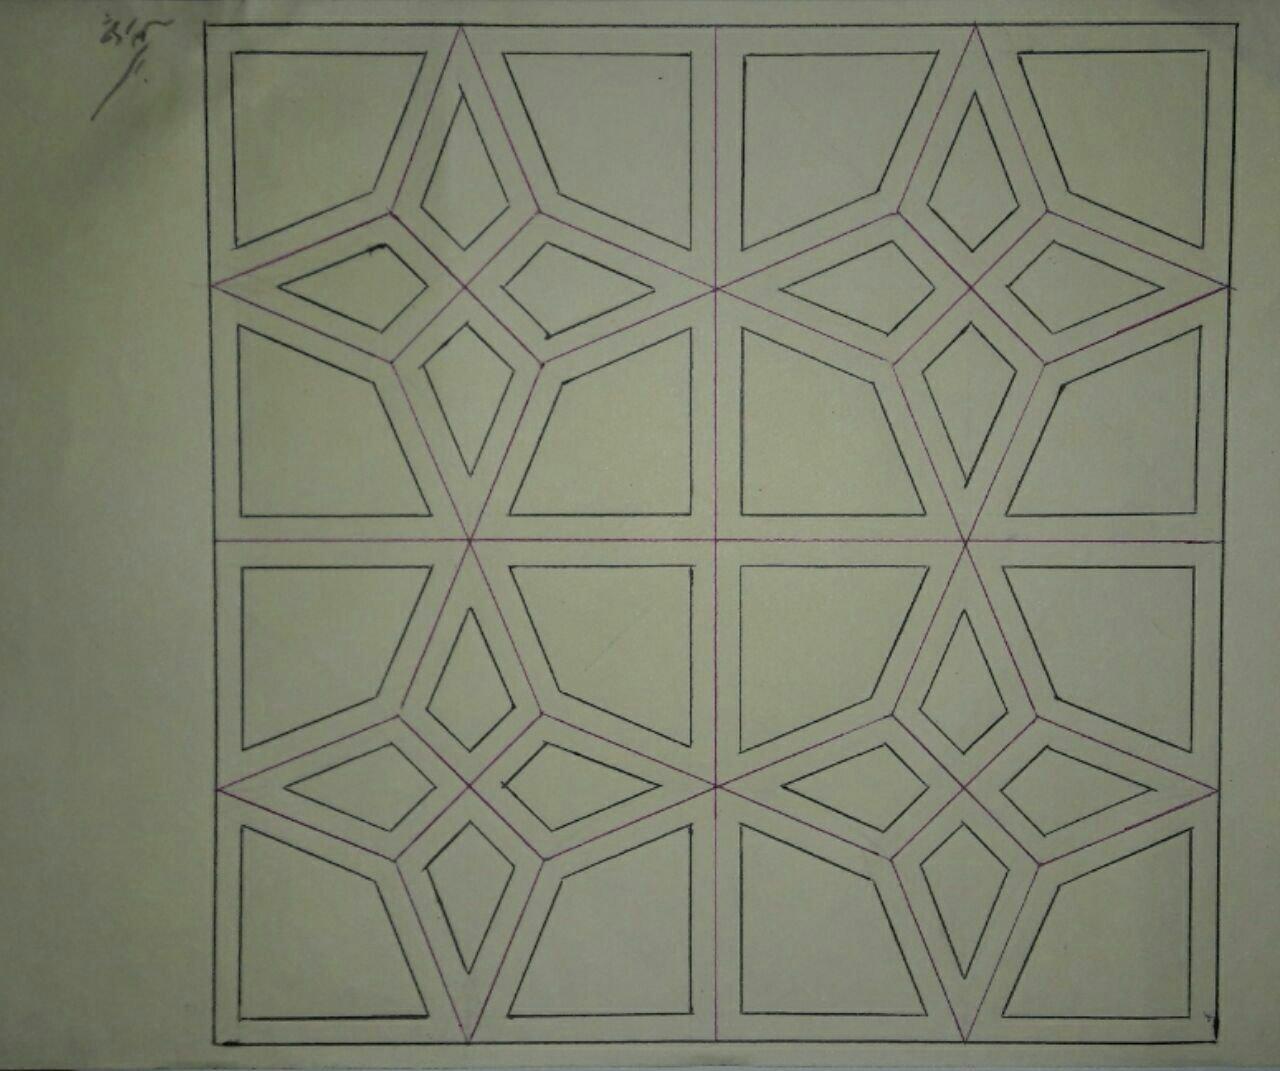 هنر گره سازی و گره چینی و رسم نقوش هندسی